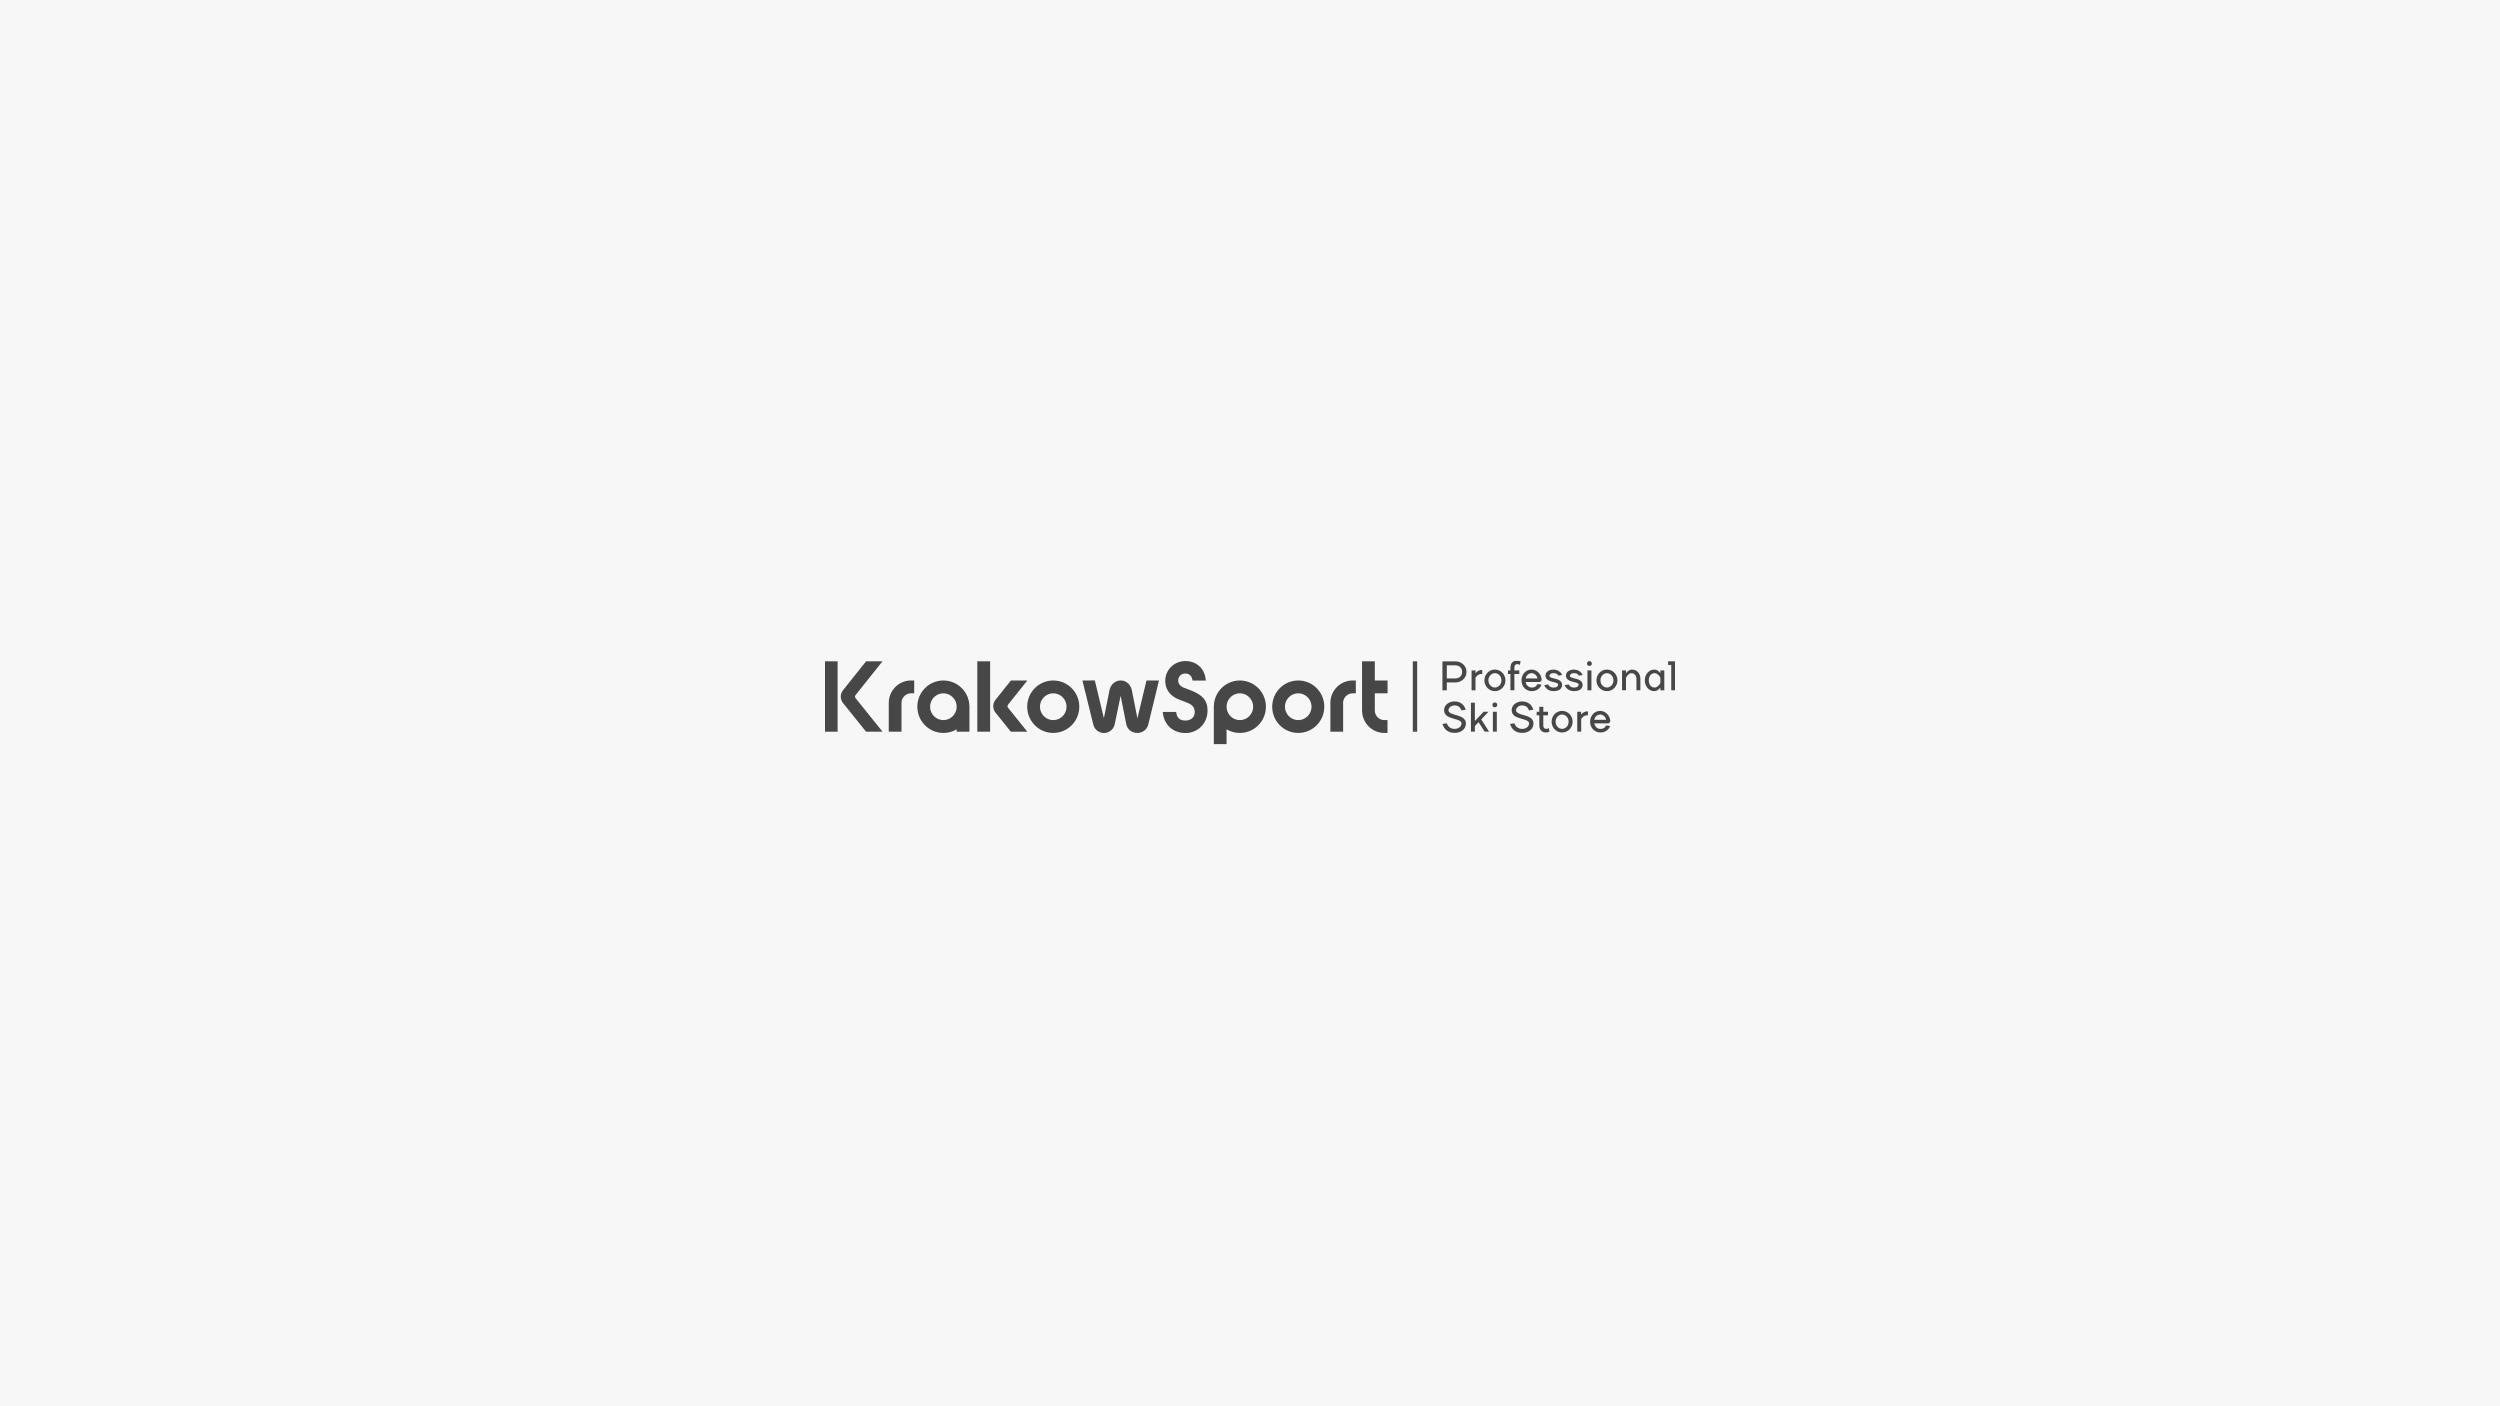 krakowsport_v_3